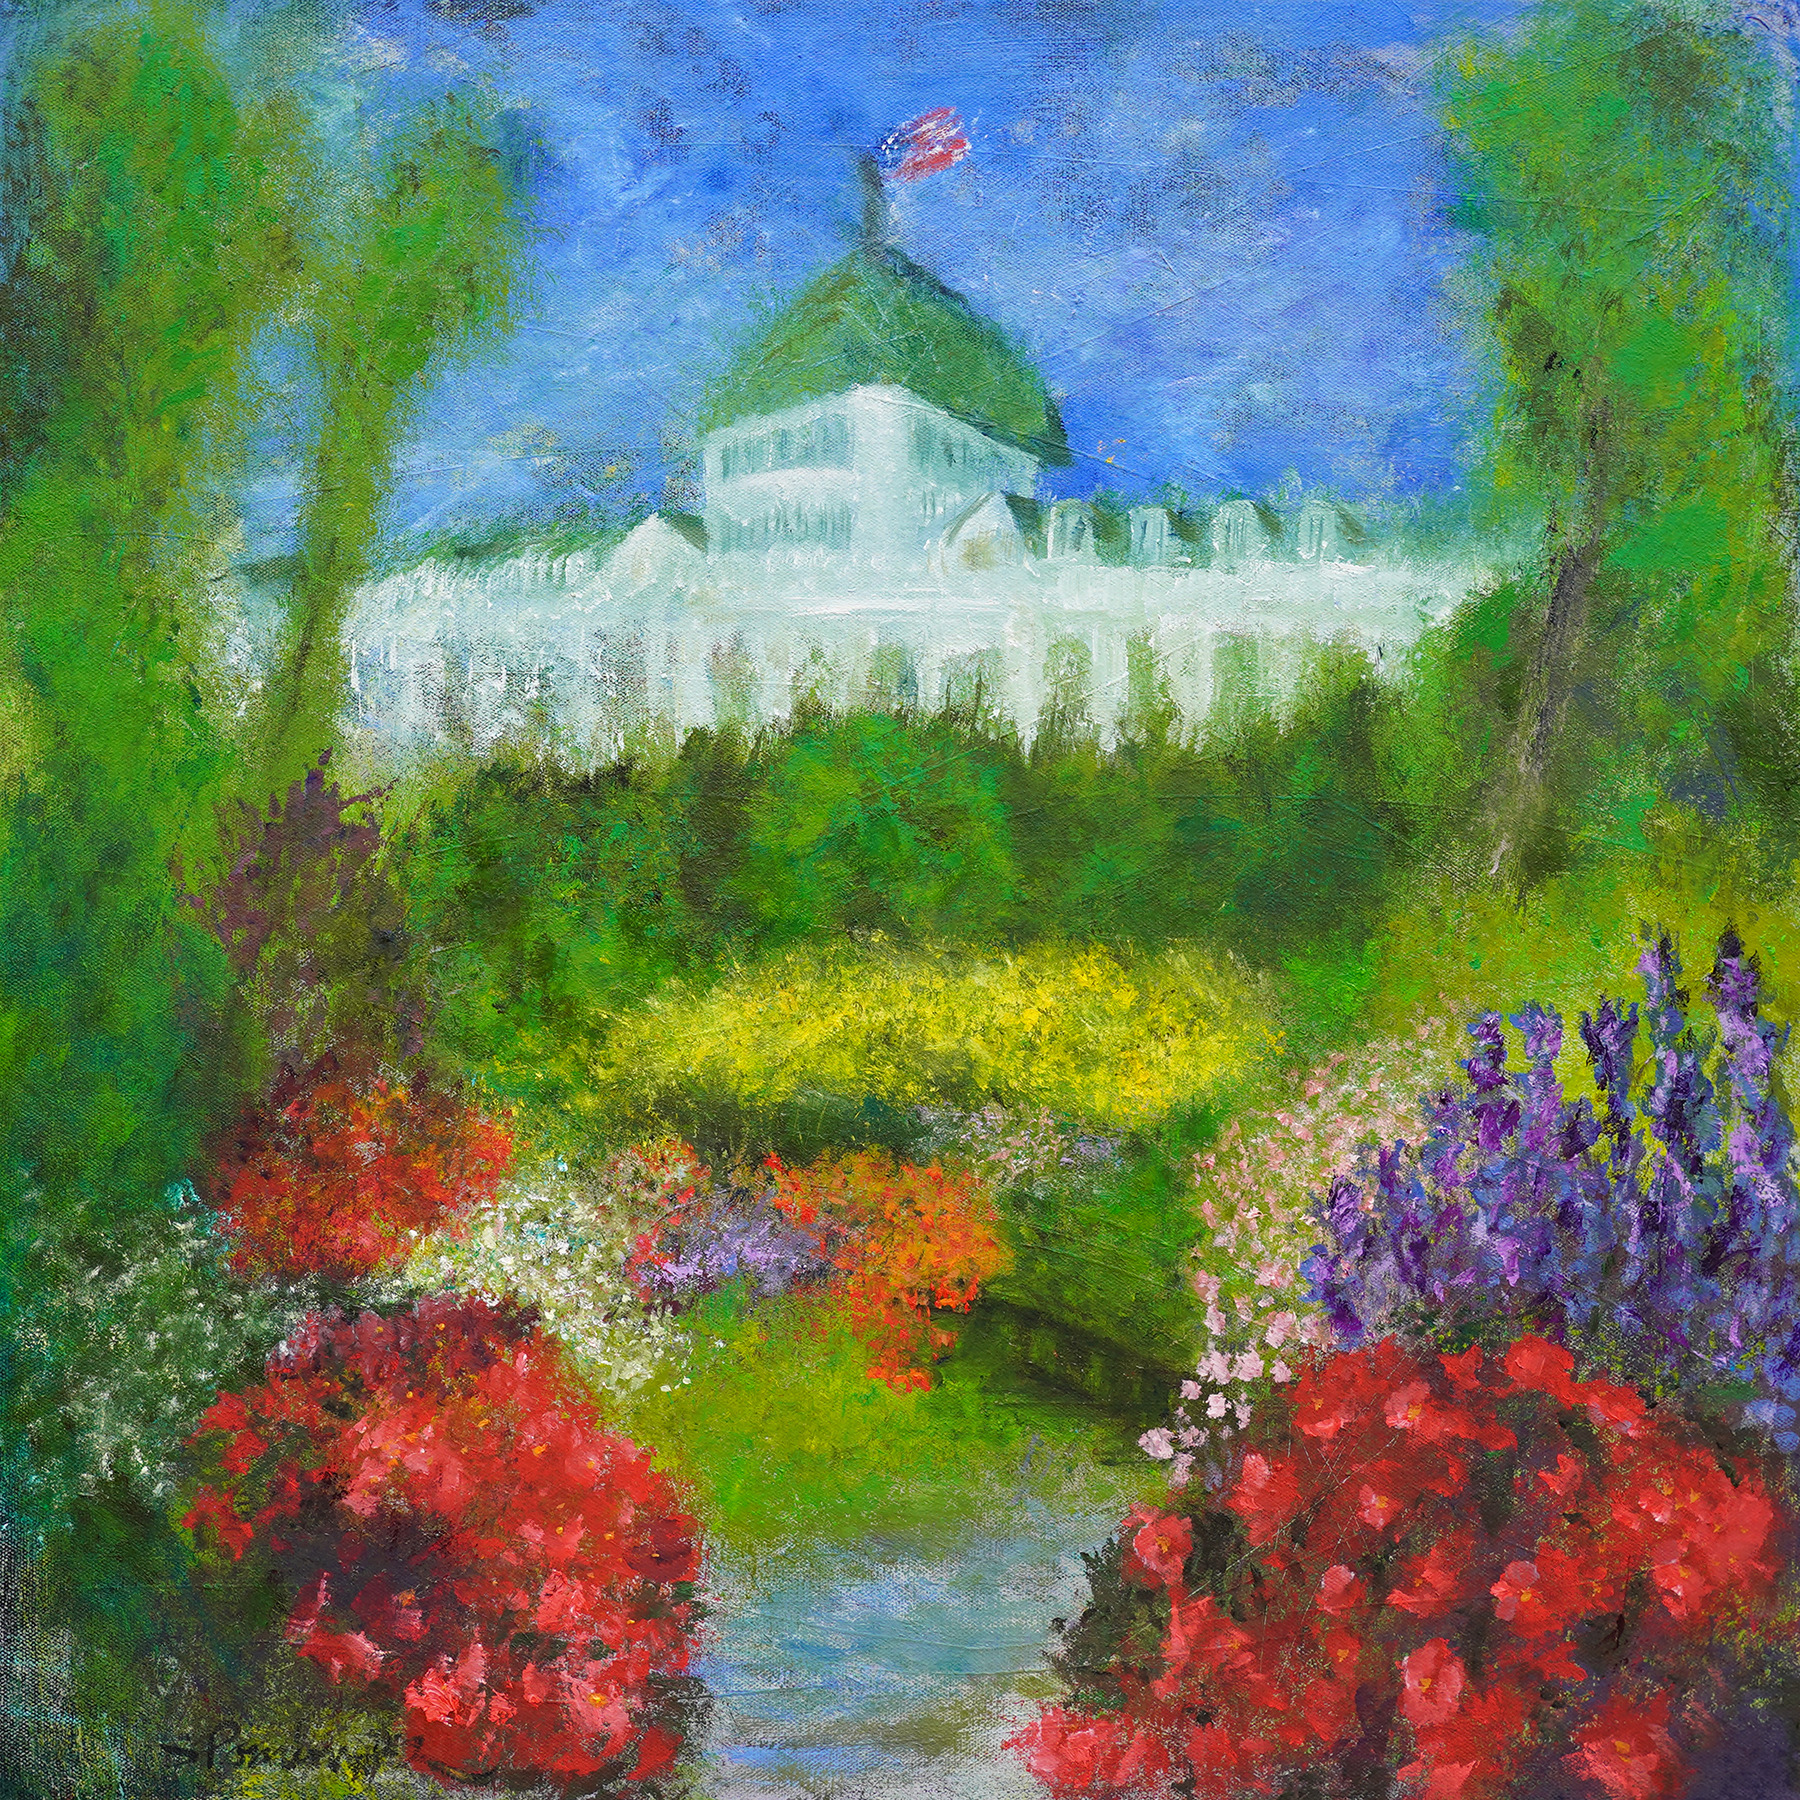 Secret garden onesm qxastw